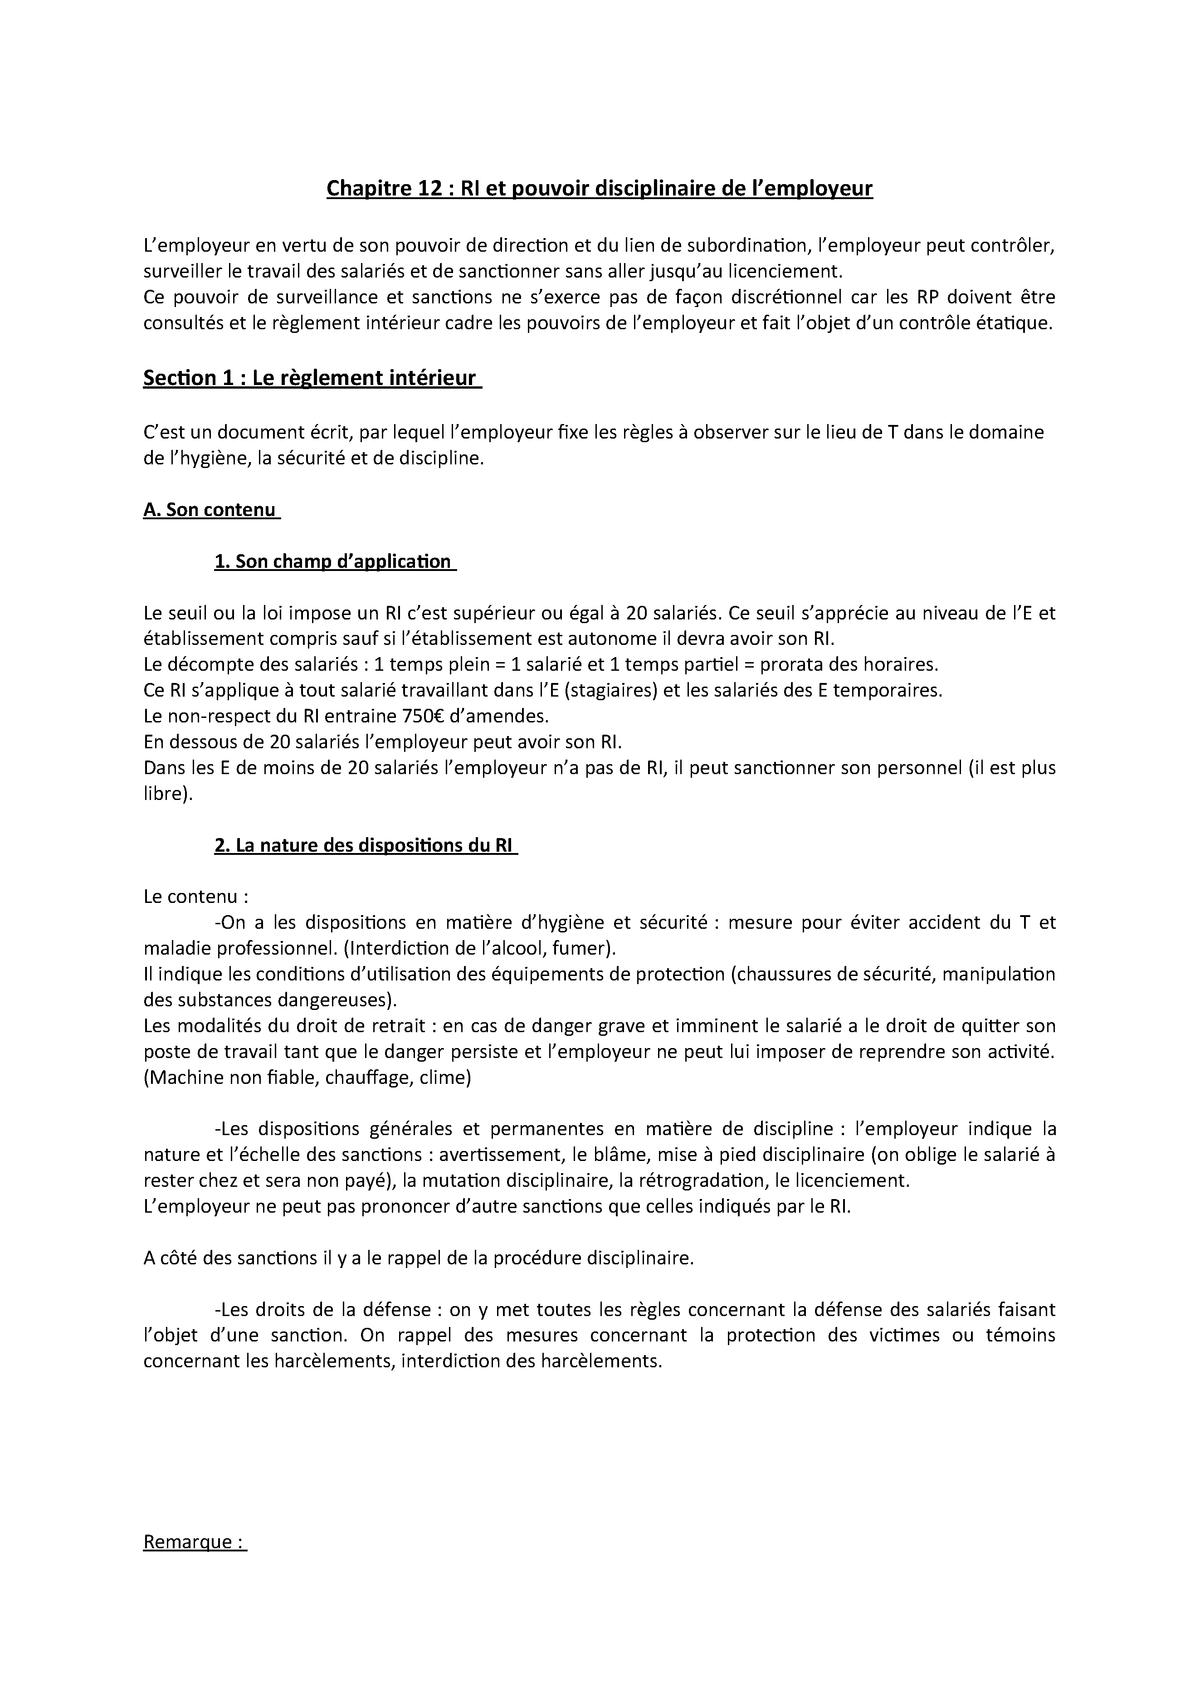 1240030 Chapitre Pouvoir Règlement Intérieur Et 12 Disciplinaire dBoerCxW